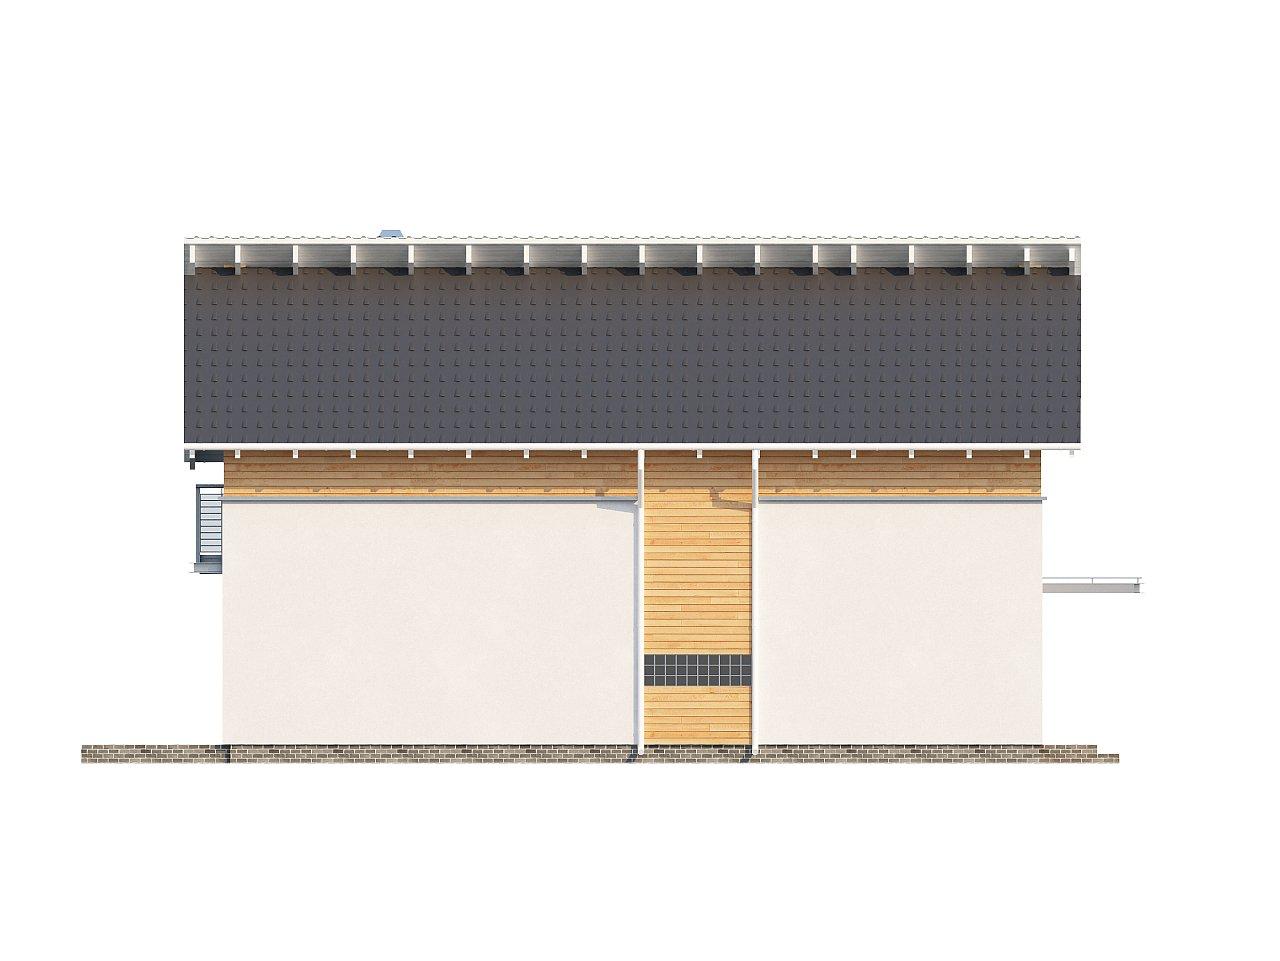 Энергоэффективный и удобный дом с современными элементами отделки фасадов. Подходит для узкого участка. - фото 5